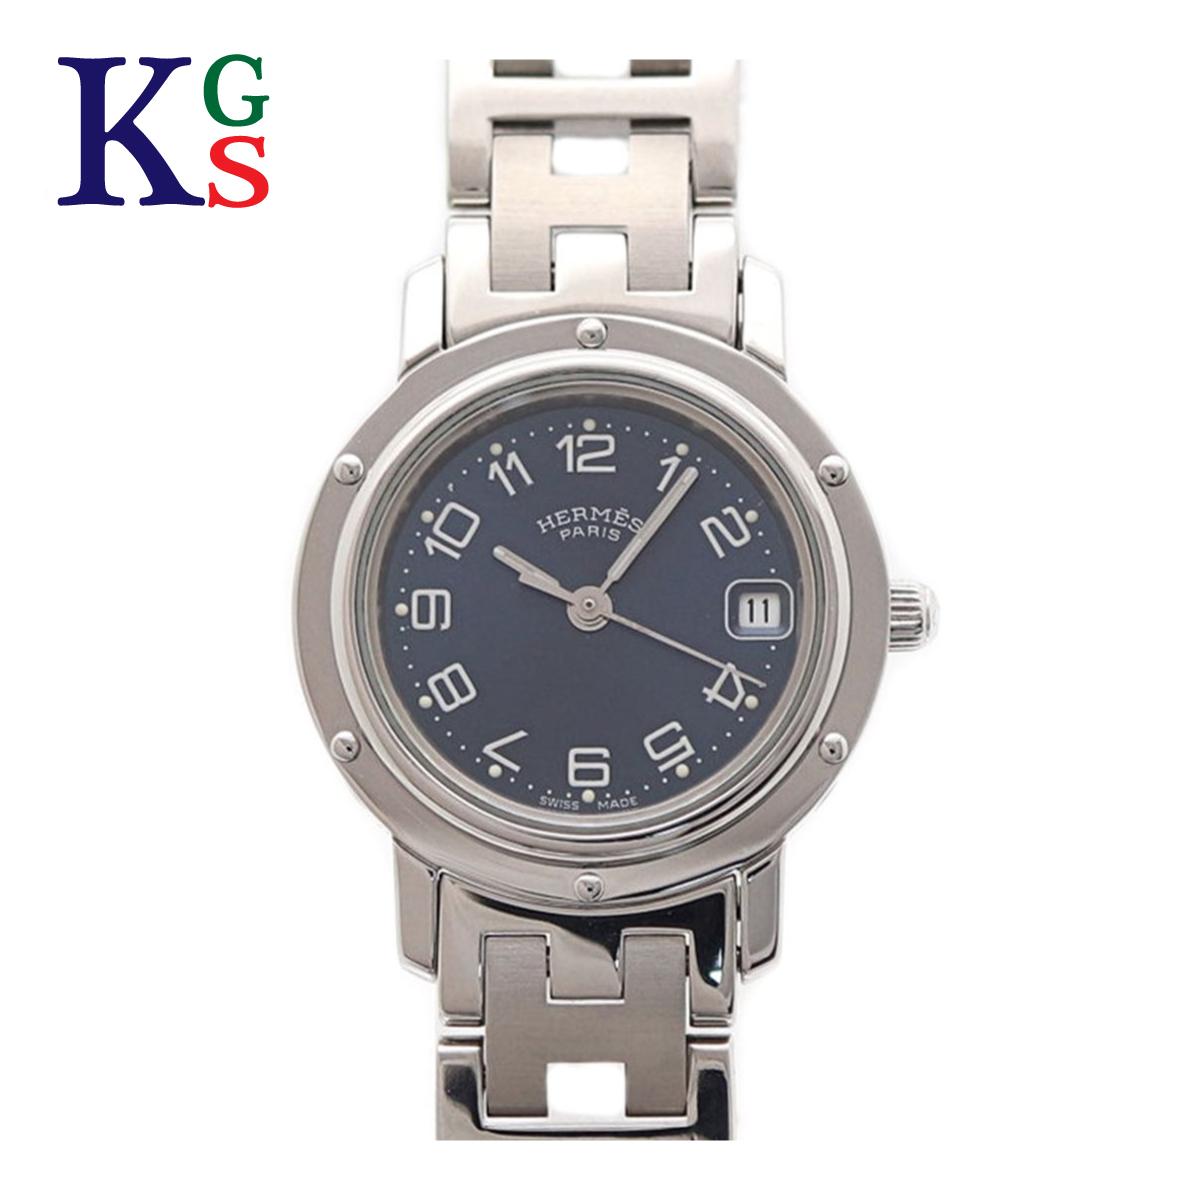 【ギフト品質】エルメス/Hermes レディース 腕時計 クリッパー ネイビー文字盤 クオーツ 電池式 ステンレススチール CL4.210